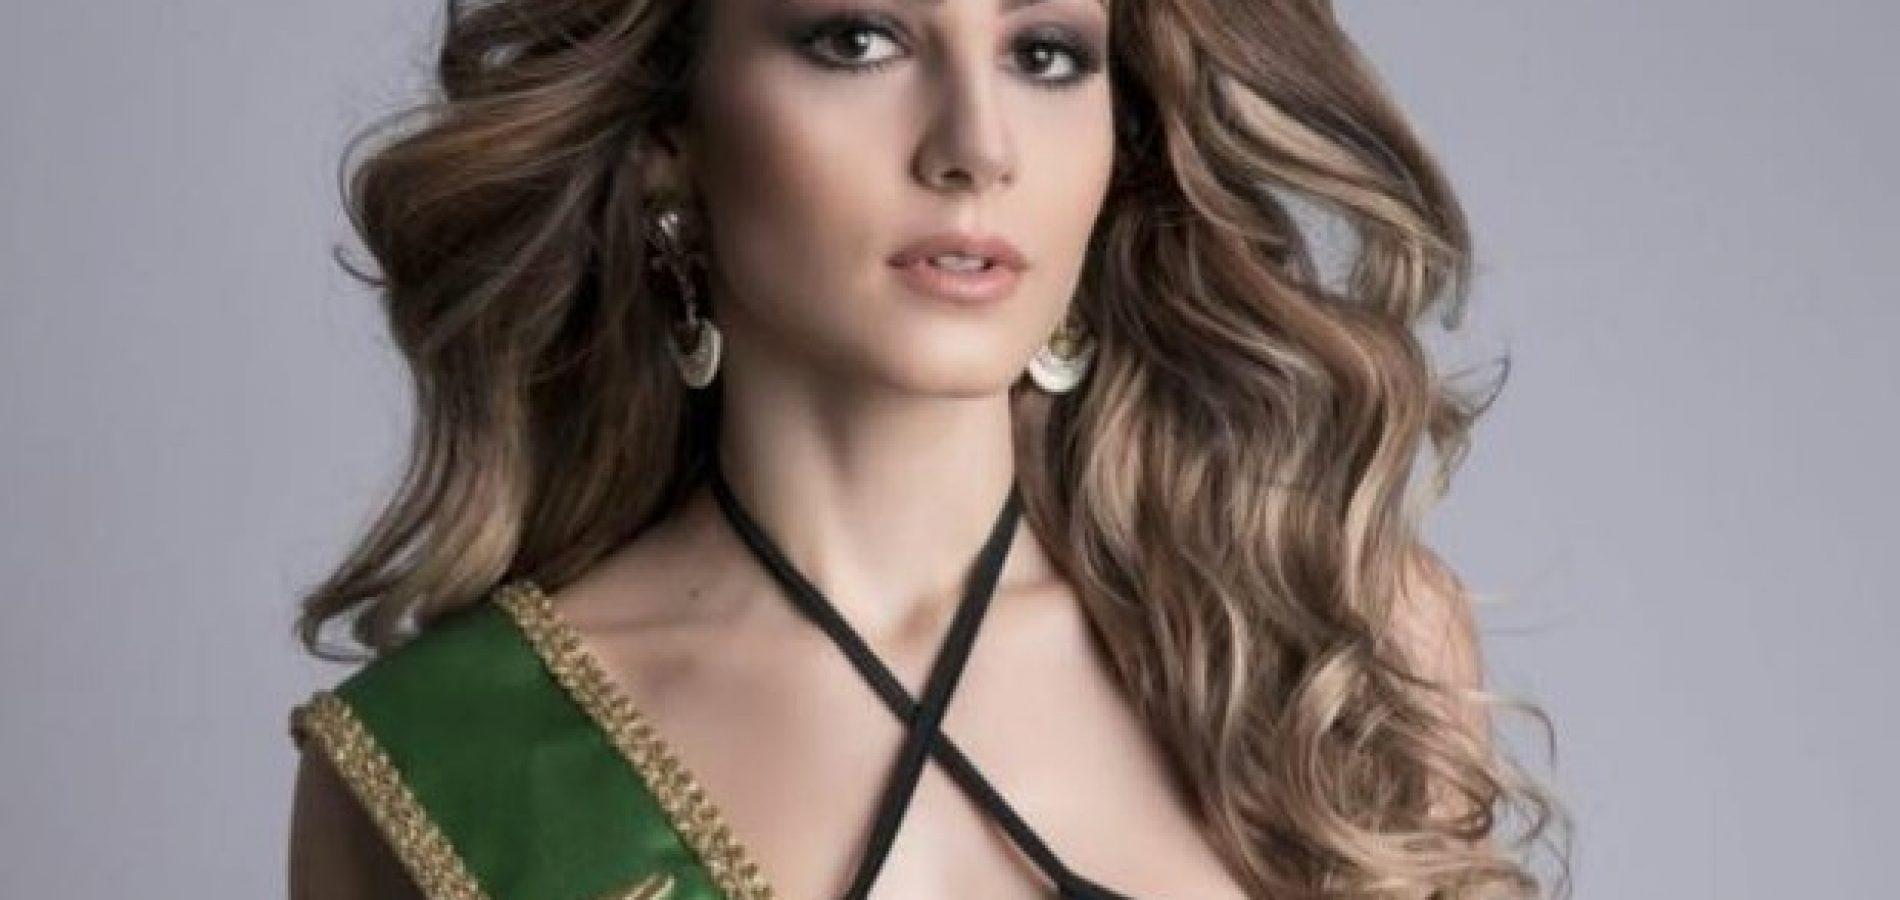 Miss Piauí 2016 é feita refém durante arrastão na casa de colunista social